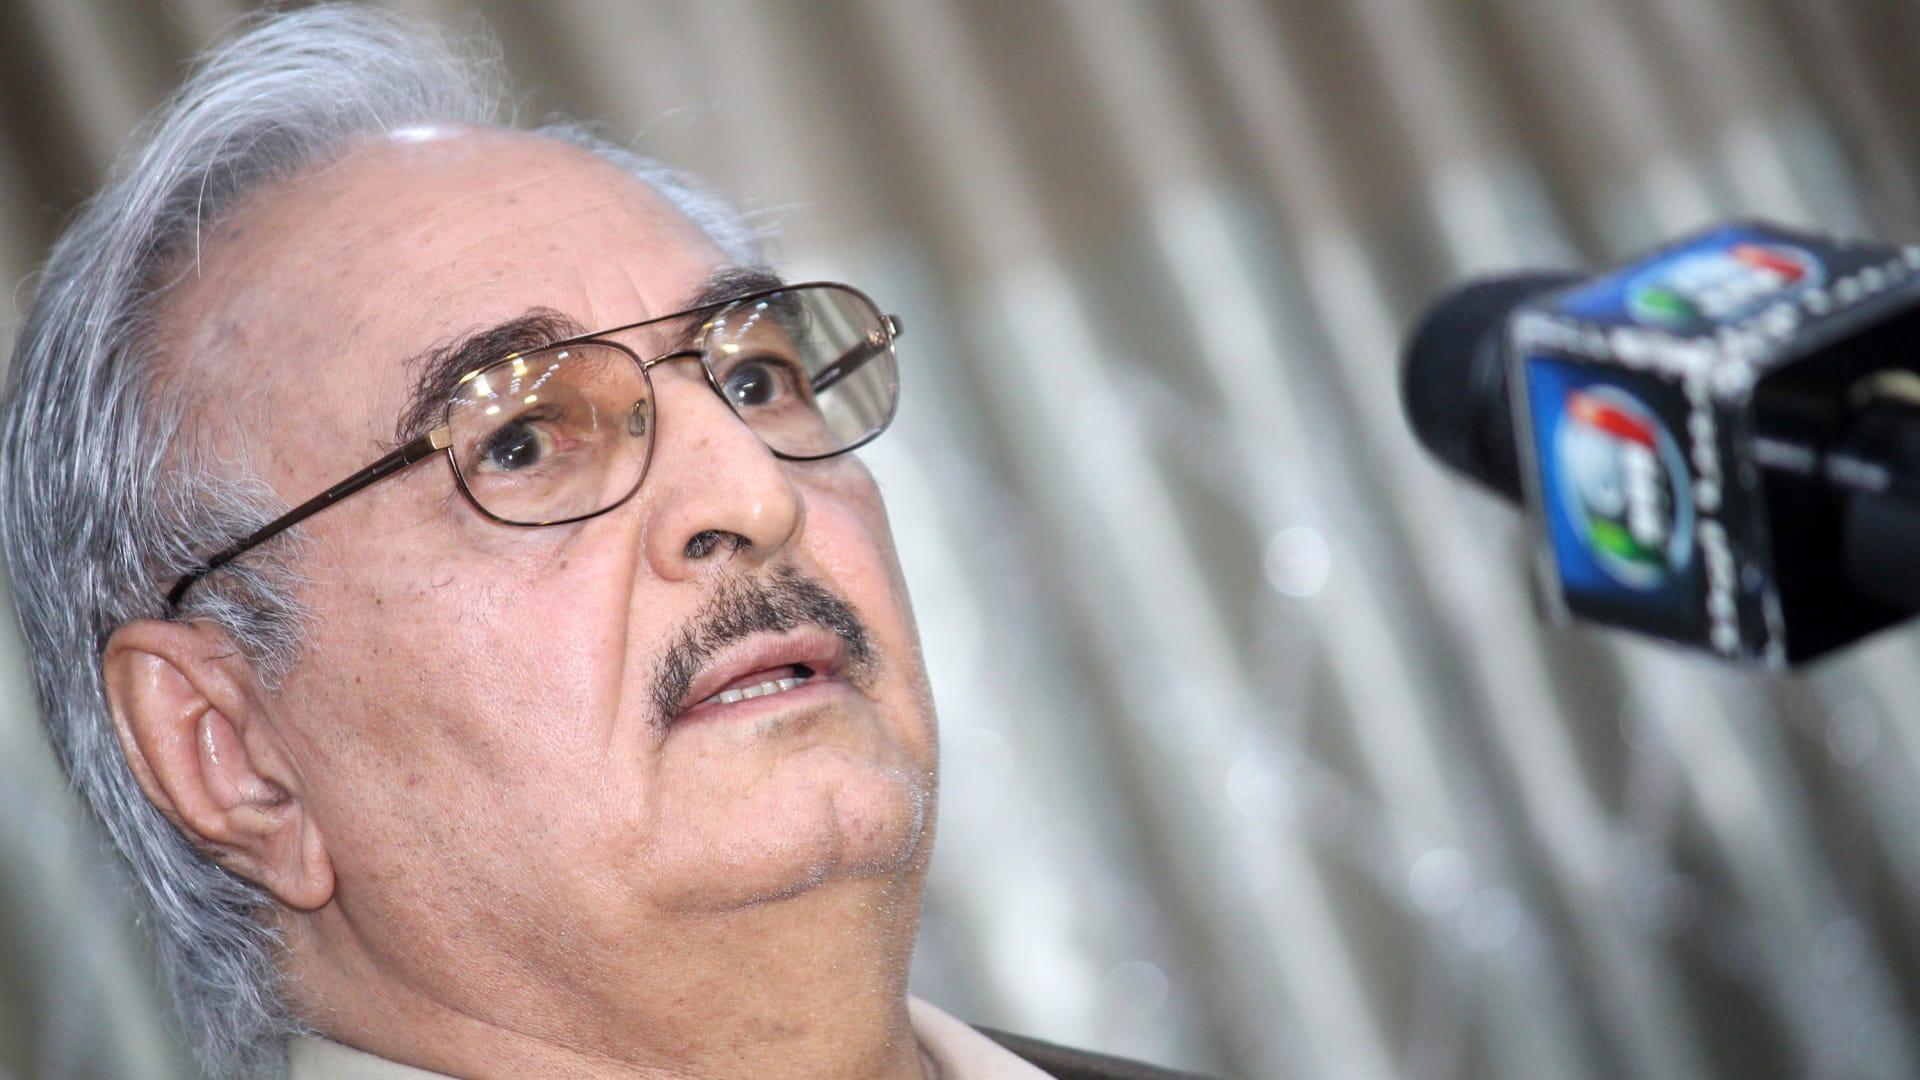 ليبيا.. حفتر يعلن استئناف عمل إنتاج وتصدير النفط بعد 6 أشهر من التوقف